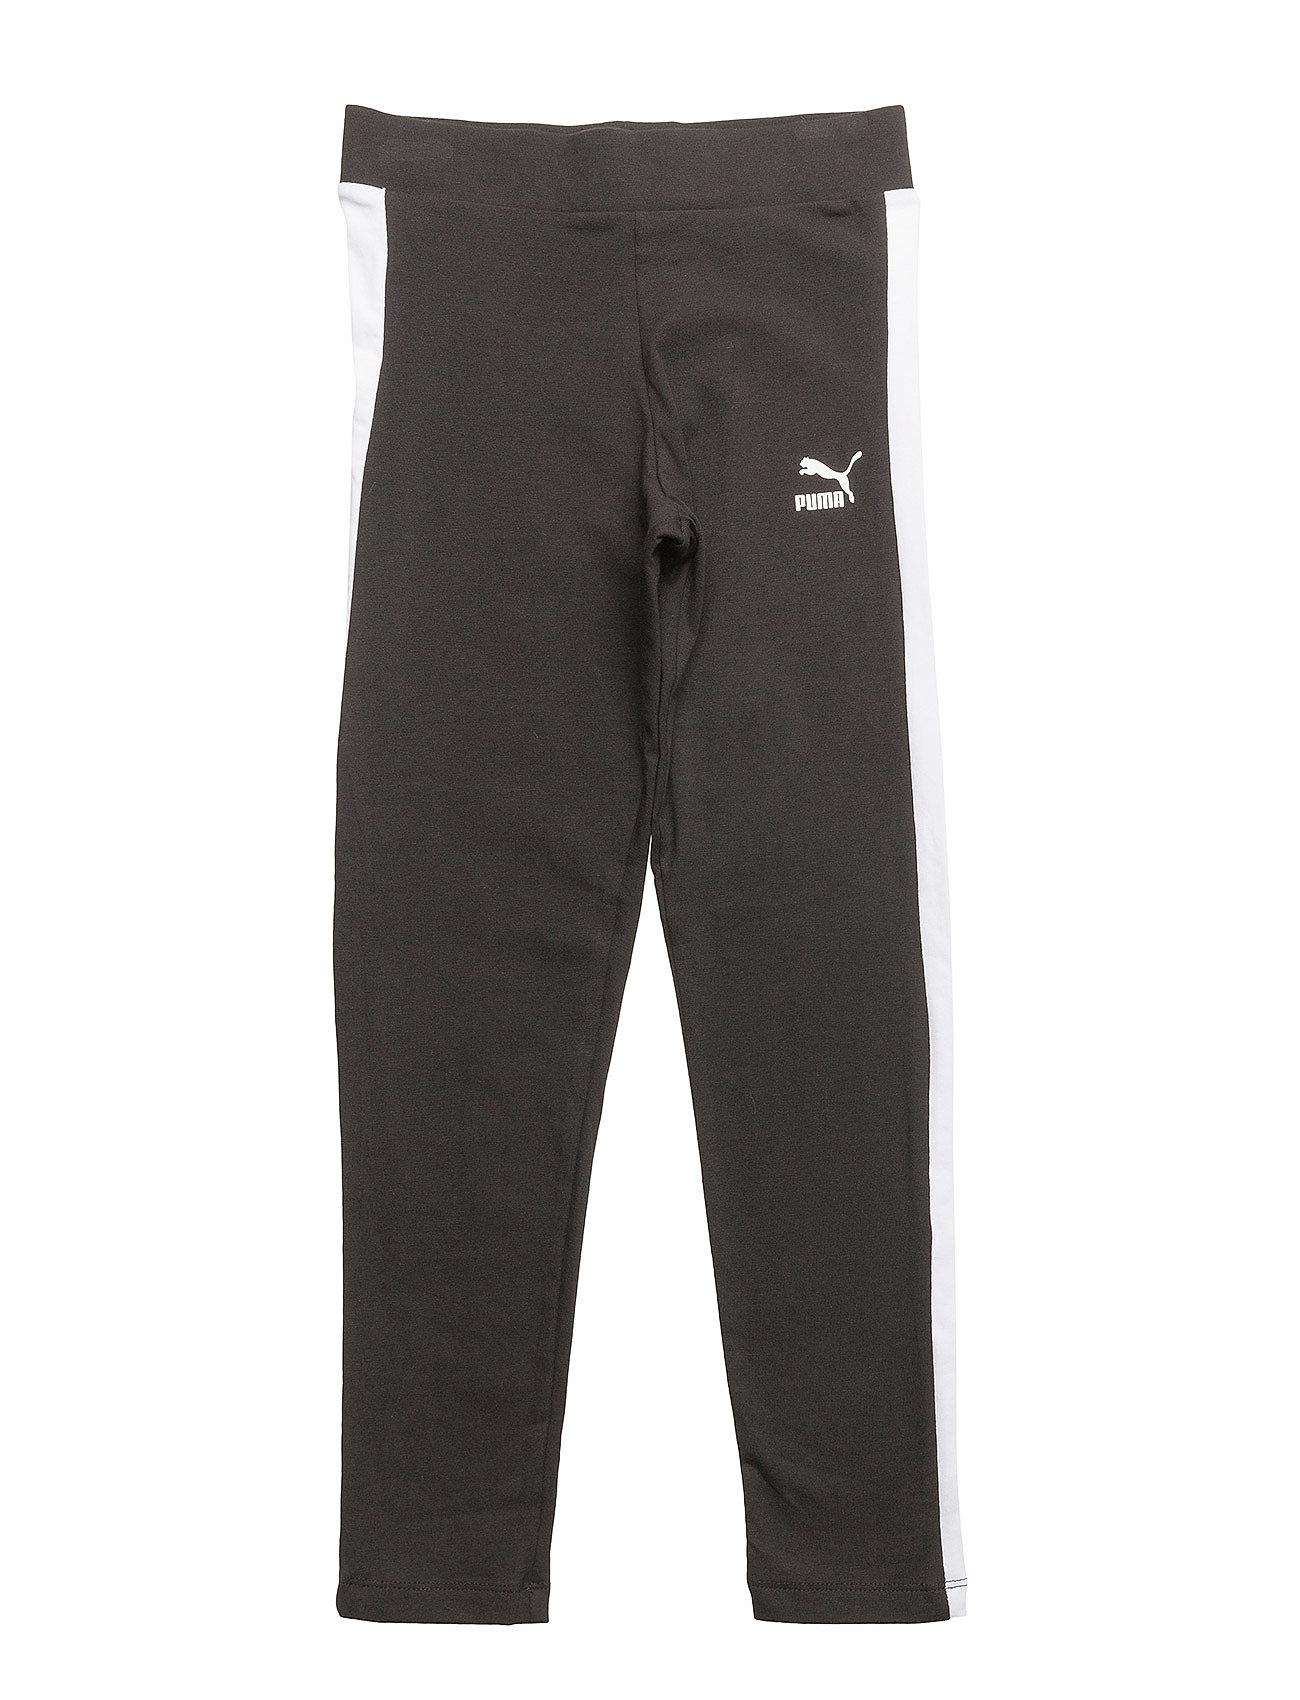 PUMA Classics T7 Leggings - COTTON BLACK